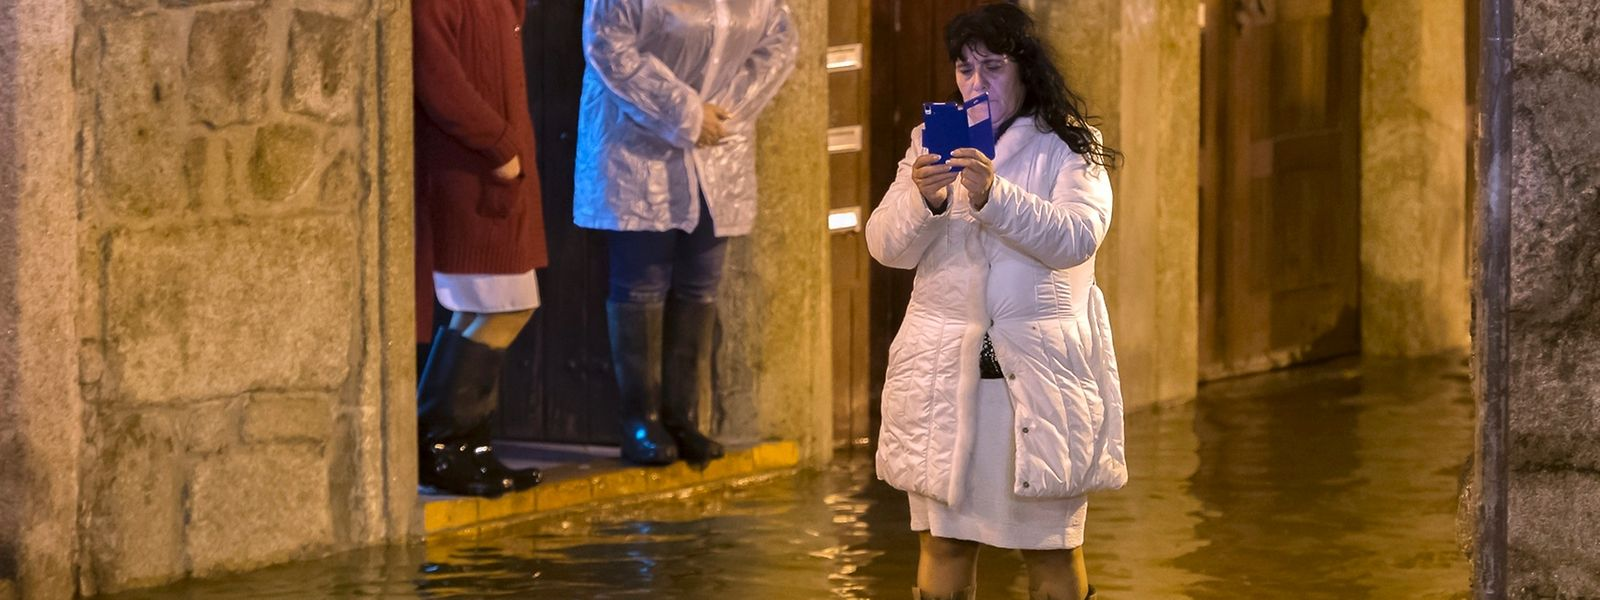 Residentes da zona de Miragaia controlam a subida das águas cerca das 4h desta noite quando o rio Douro ultrapassou as margens